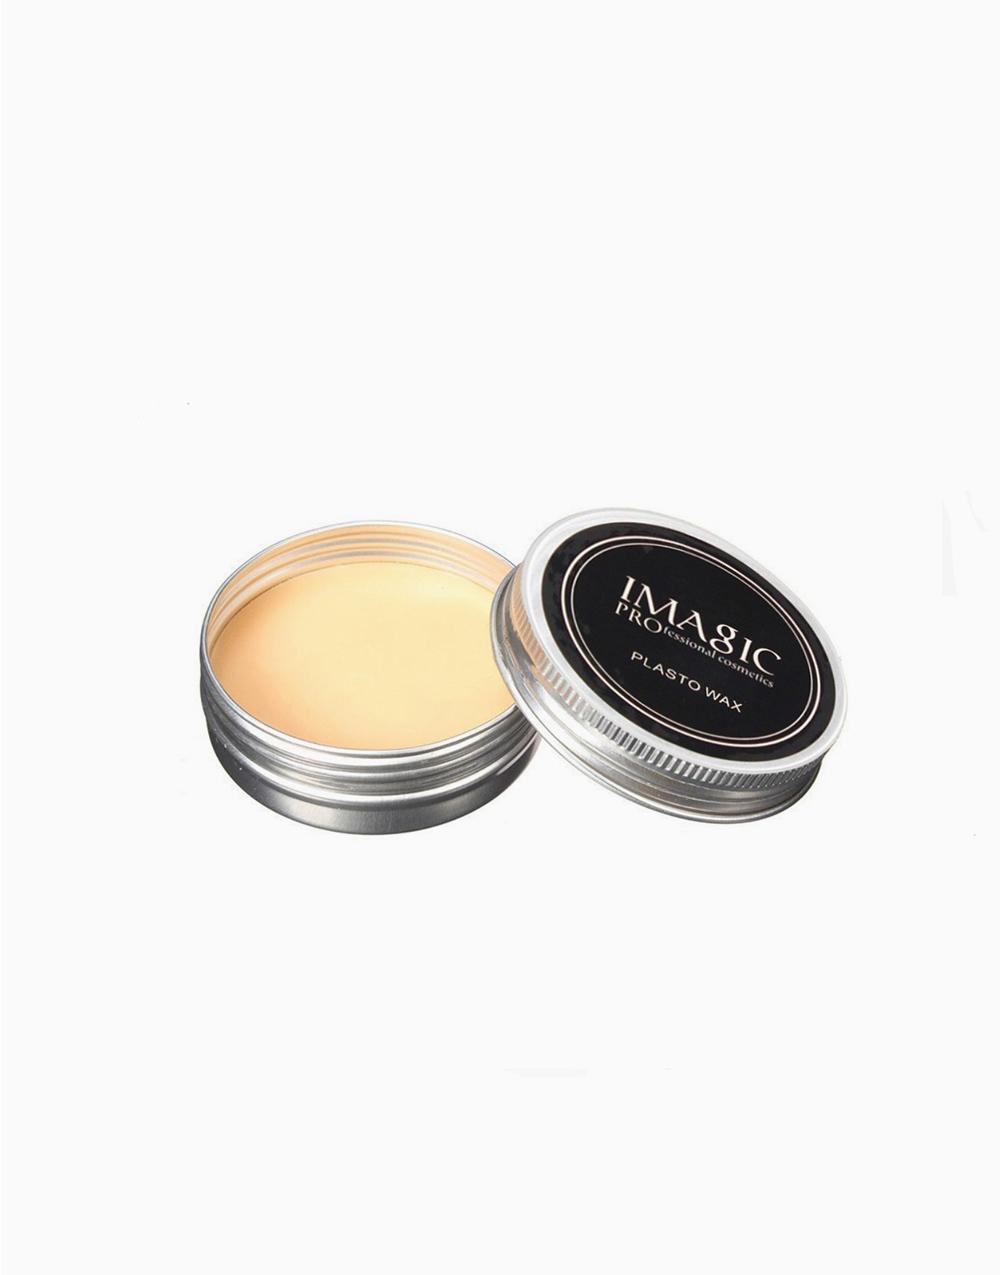 Plasto Wax by Imagic | #1 Light Beige